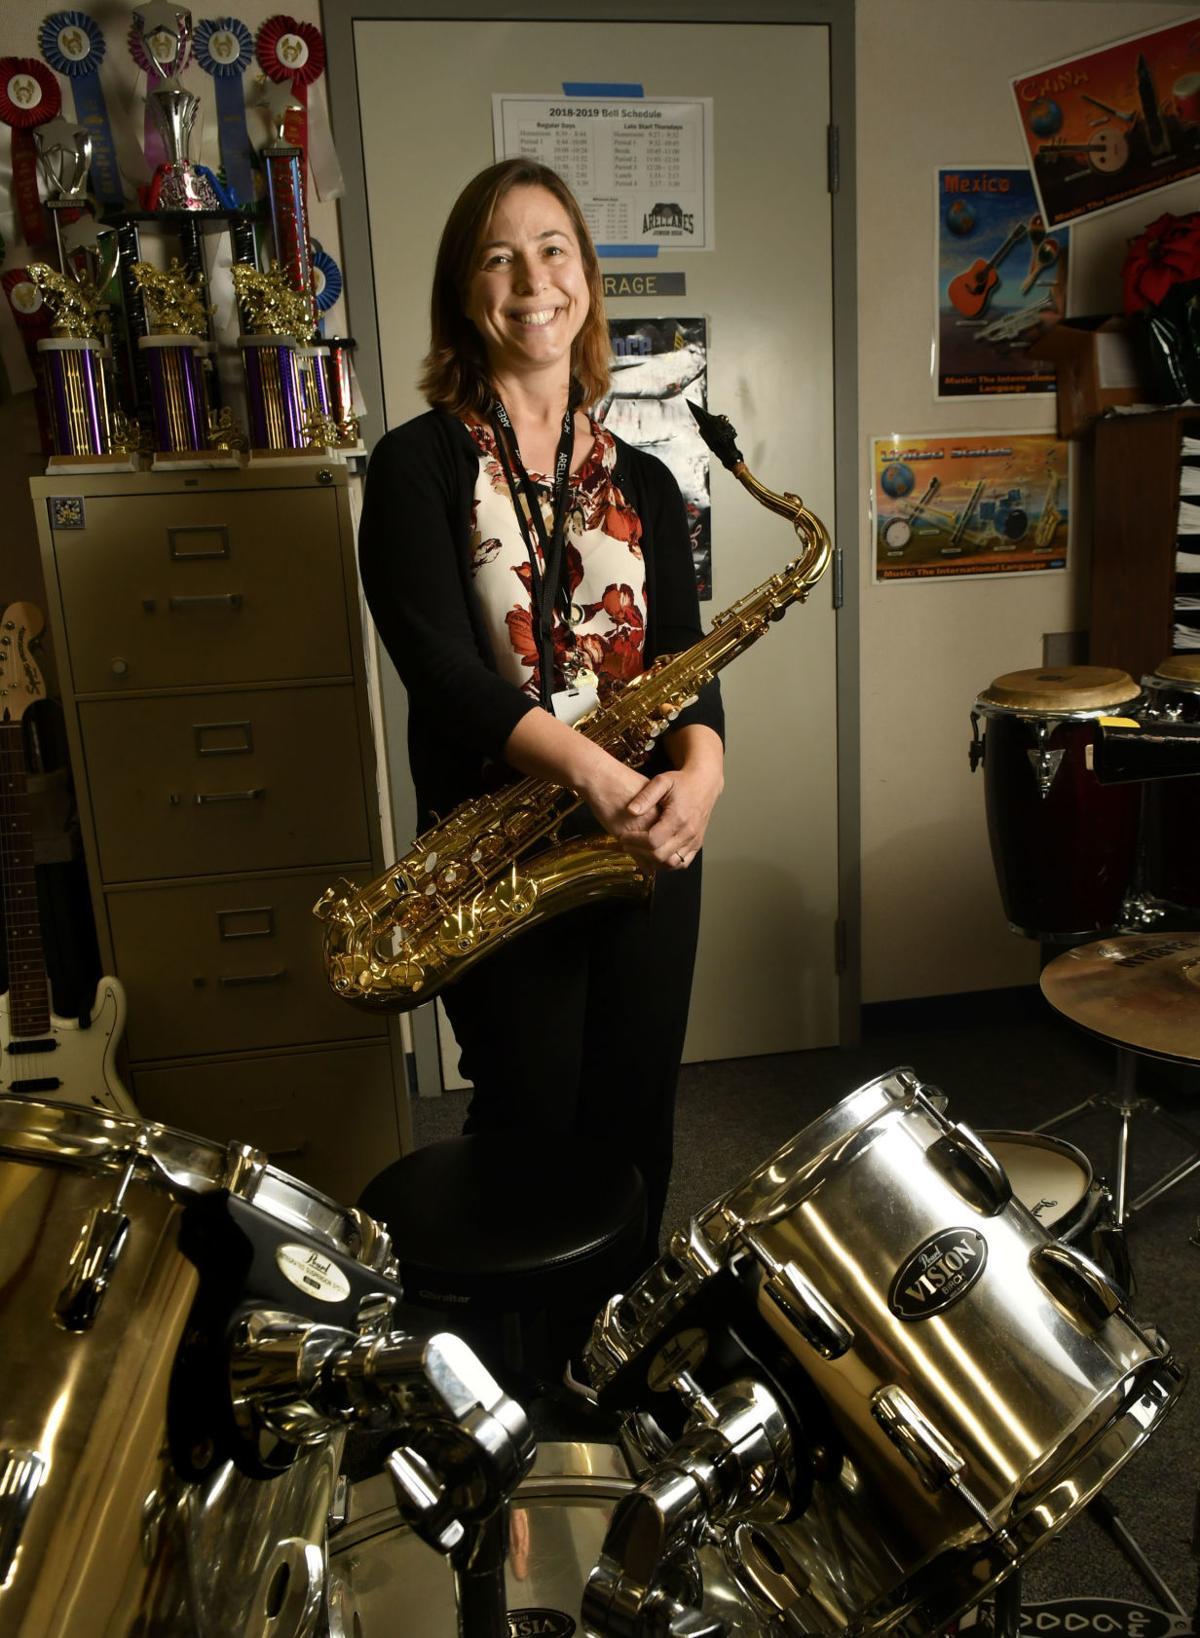 021419 Girls jazz workshop 01.jpg